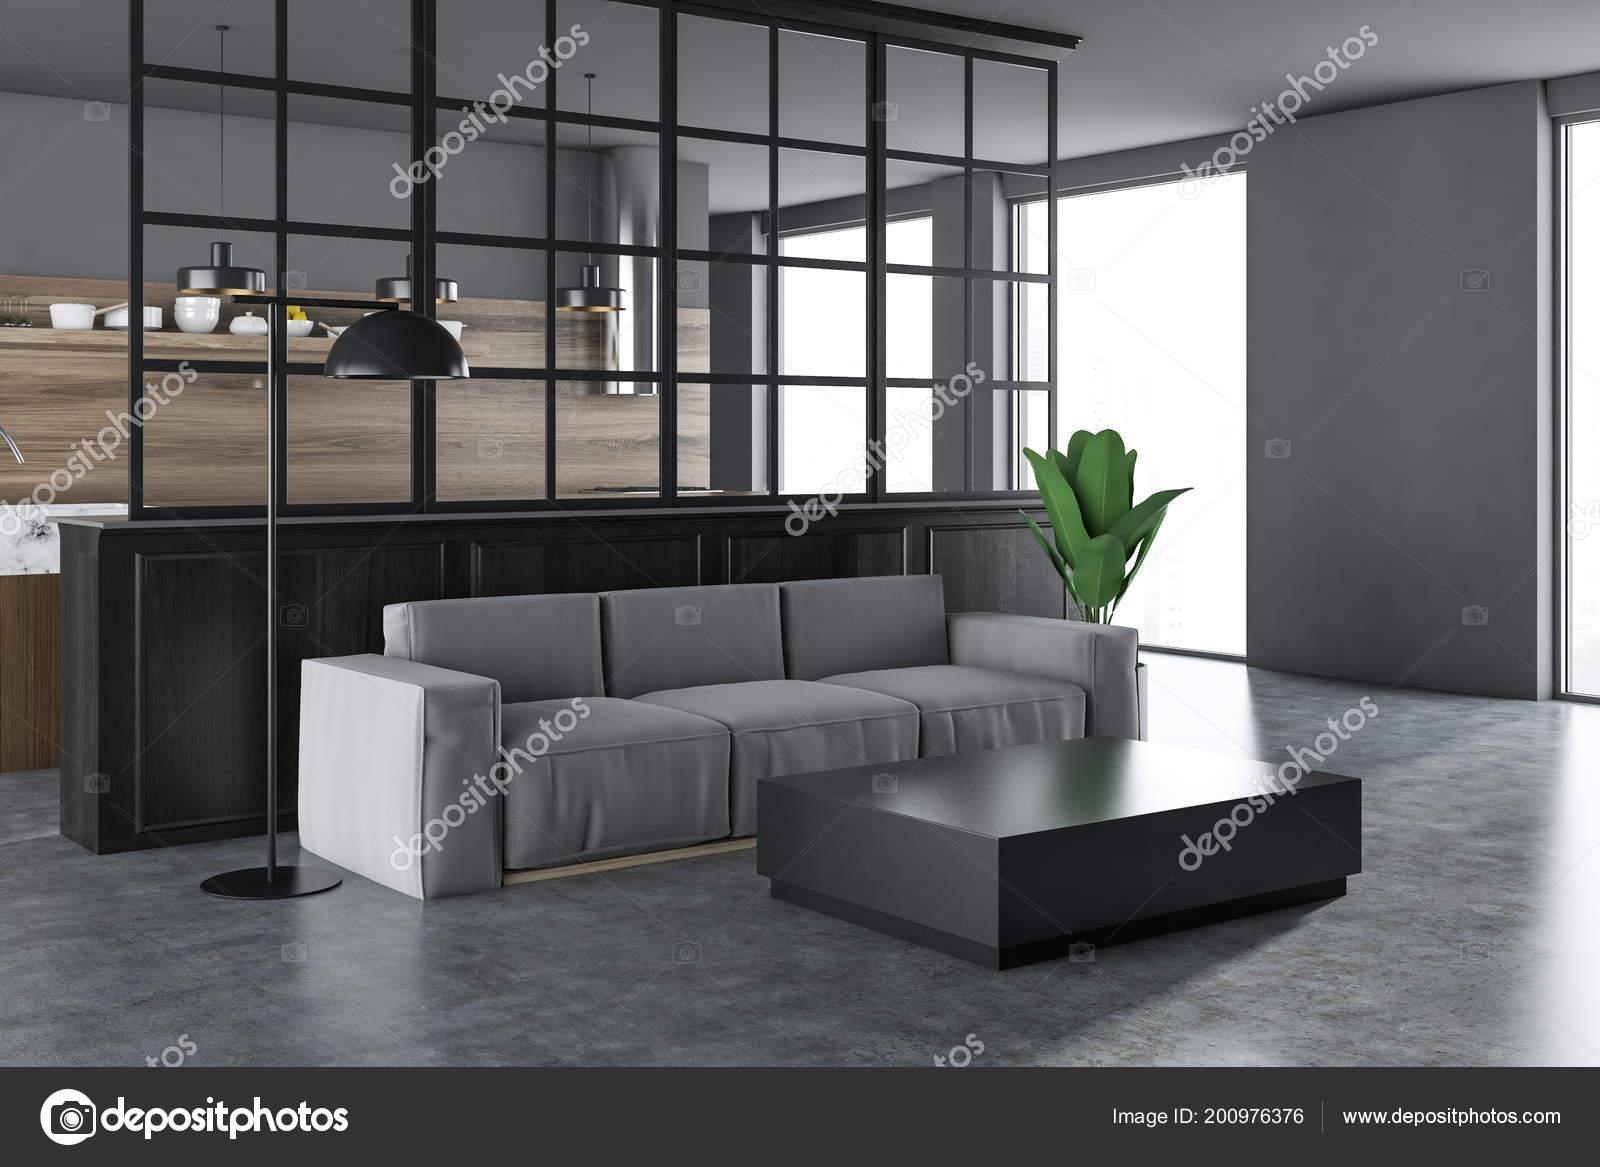 Witte zwarte woonkamer hoek met een grijze vloer een lang